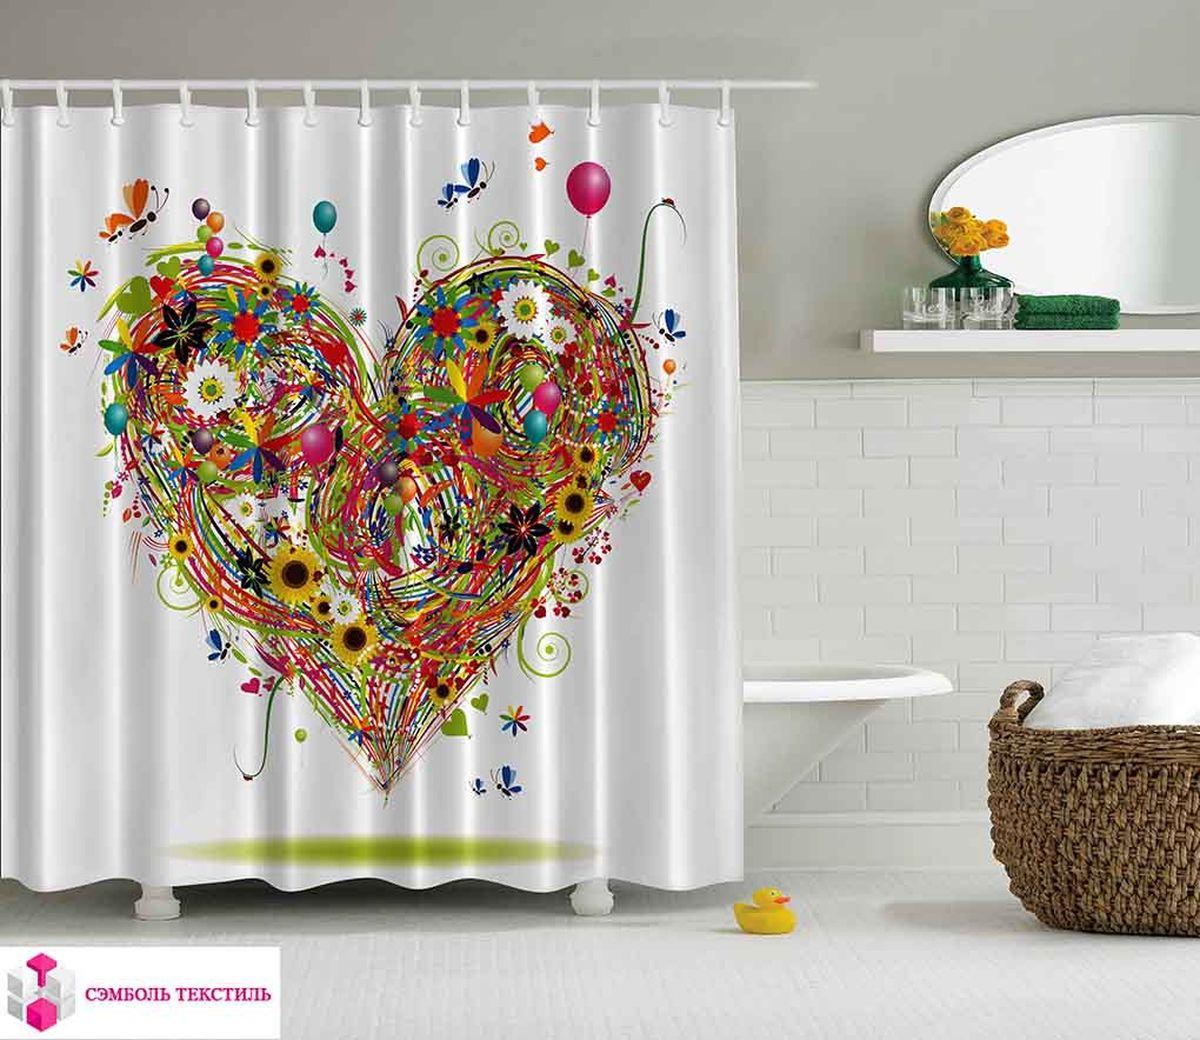 Штора для ванной комнаты Magic Lady Цветочное сердце, 180 х 200 см. шв_2693шв_15032Штора Magic Lady Цветочное сердце, изготовленная из высококачественного сатена (полиэстер 100%), отлично дополнит любой интерьер ванной комнаты. При изготовлении используются специальные гипоаллергенные чернила для прямой печати по ткани, безопасные для человека.В комплекте: 1 штора, 12 крючков. Обращаем ваше внимание, фактический цвет изделия может незначительно отличаться от представленного на фото.